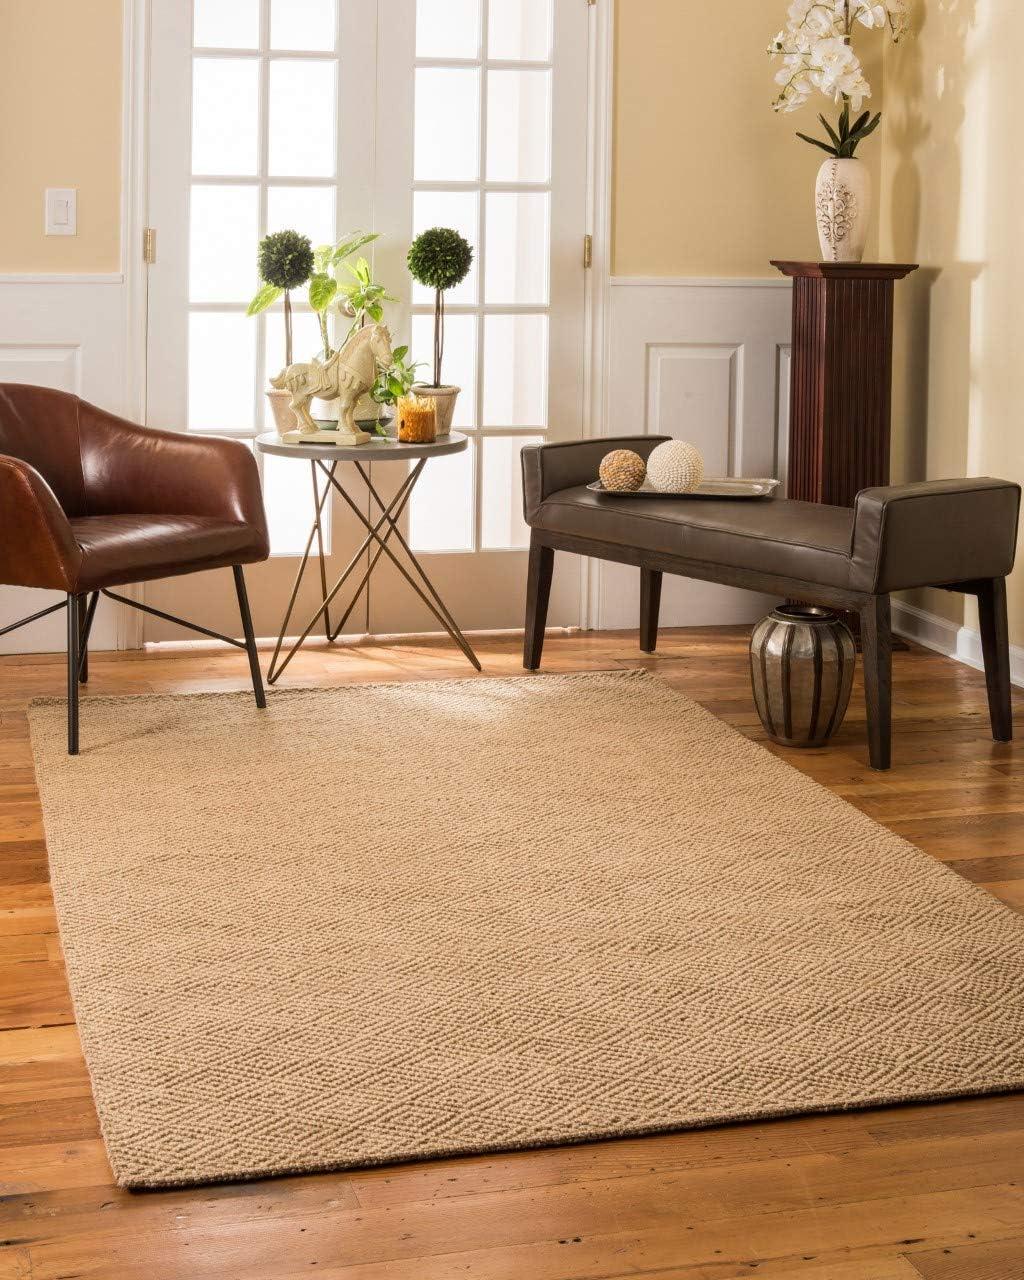 Natural Area Rugs, Natural Fiber Handmade Jewel Jute Rug 8 x 10 Brown